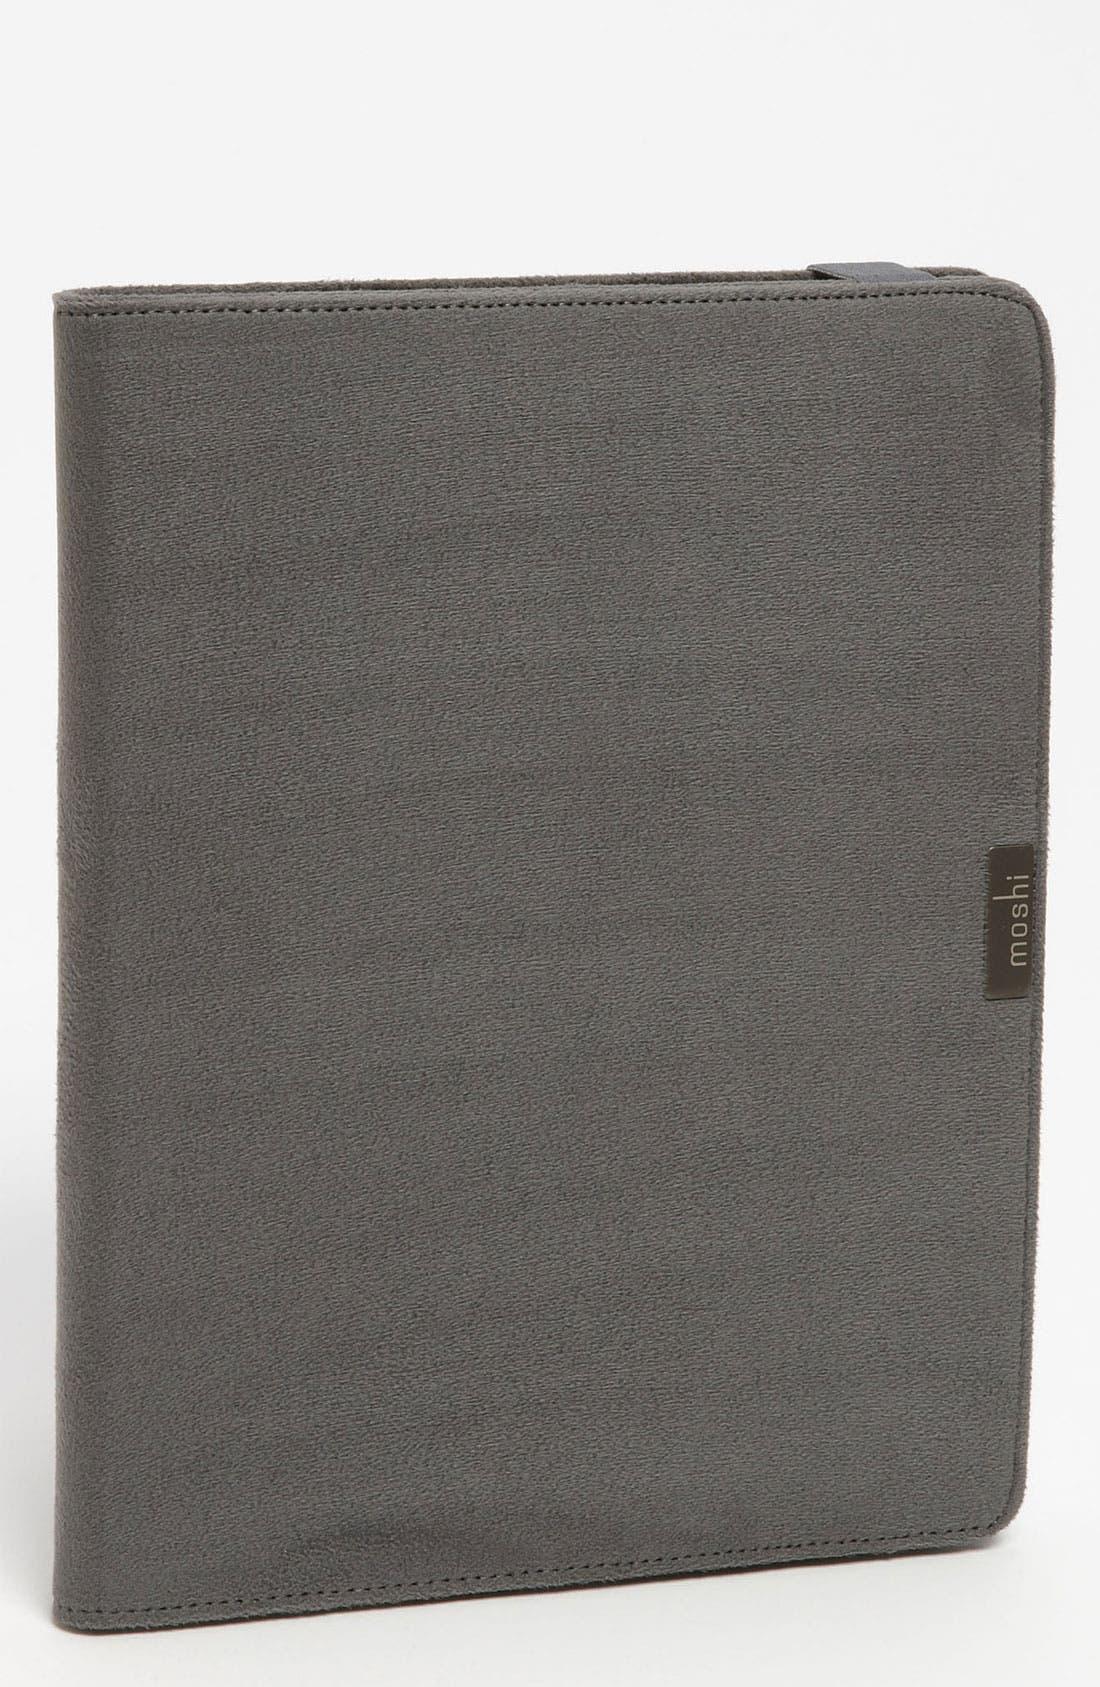 Main Image - Moshi 'Concerti' iPad 3 Portfolio Case